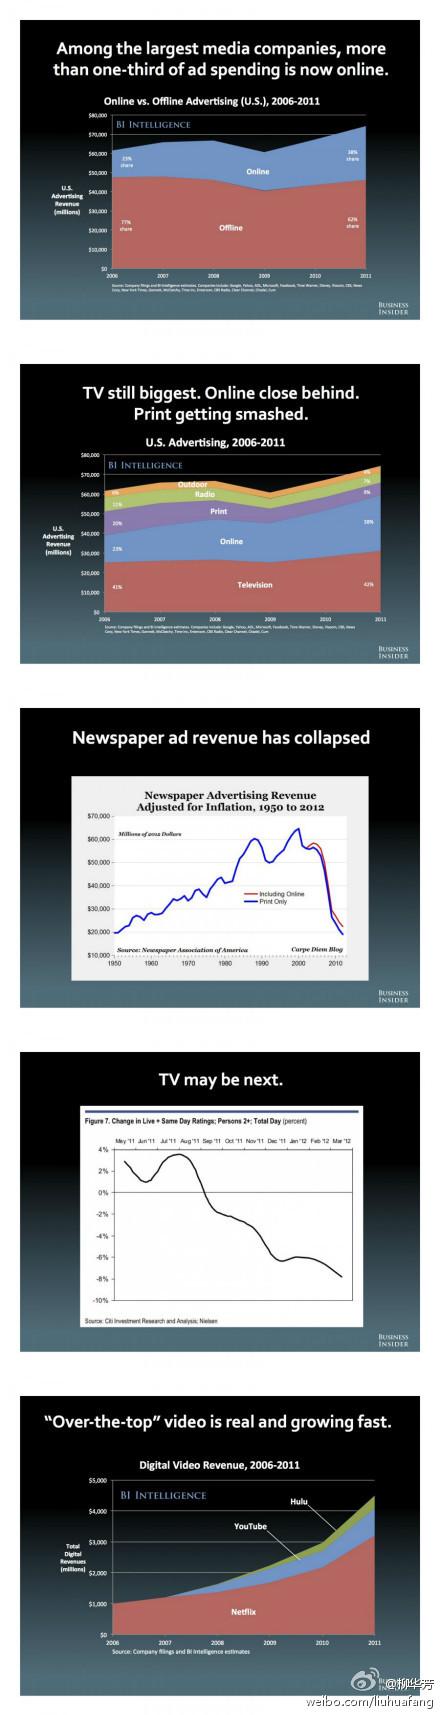 社交化媒体时代,传统媒体的自我革命路线图